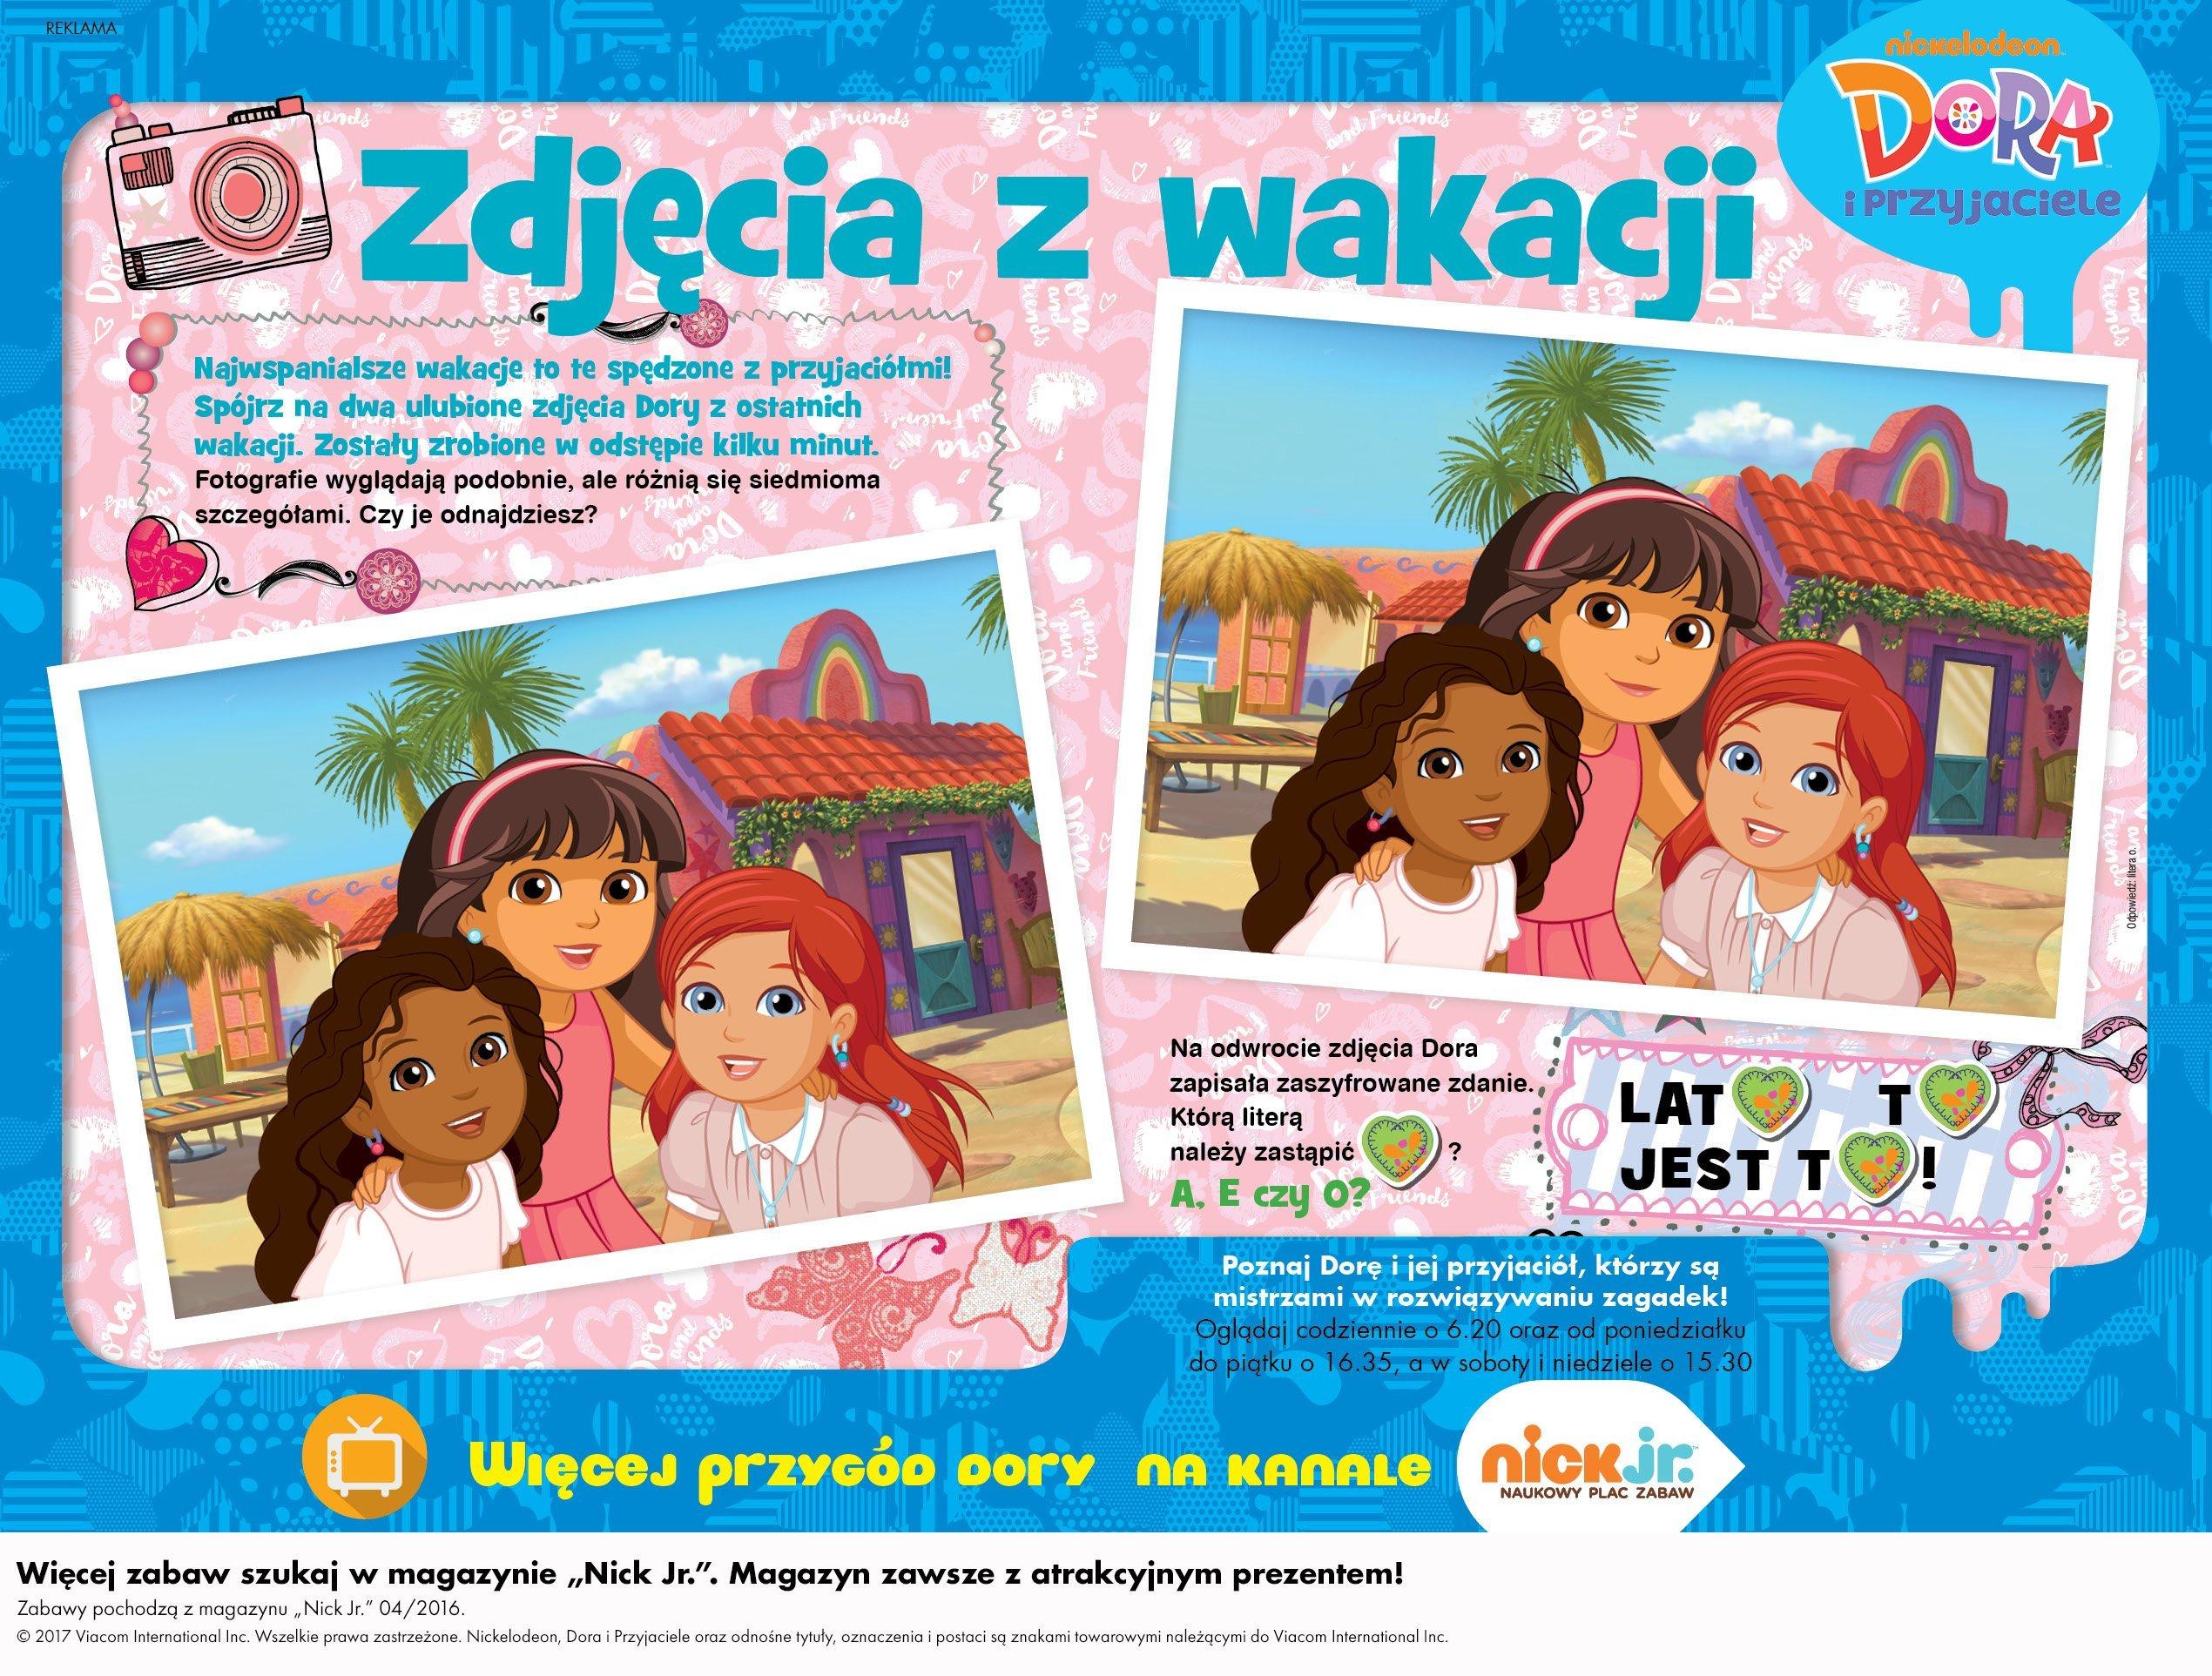 Dora i przyjaciele zabawa do druku, znajdź różnice